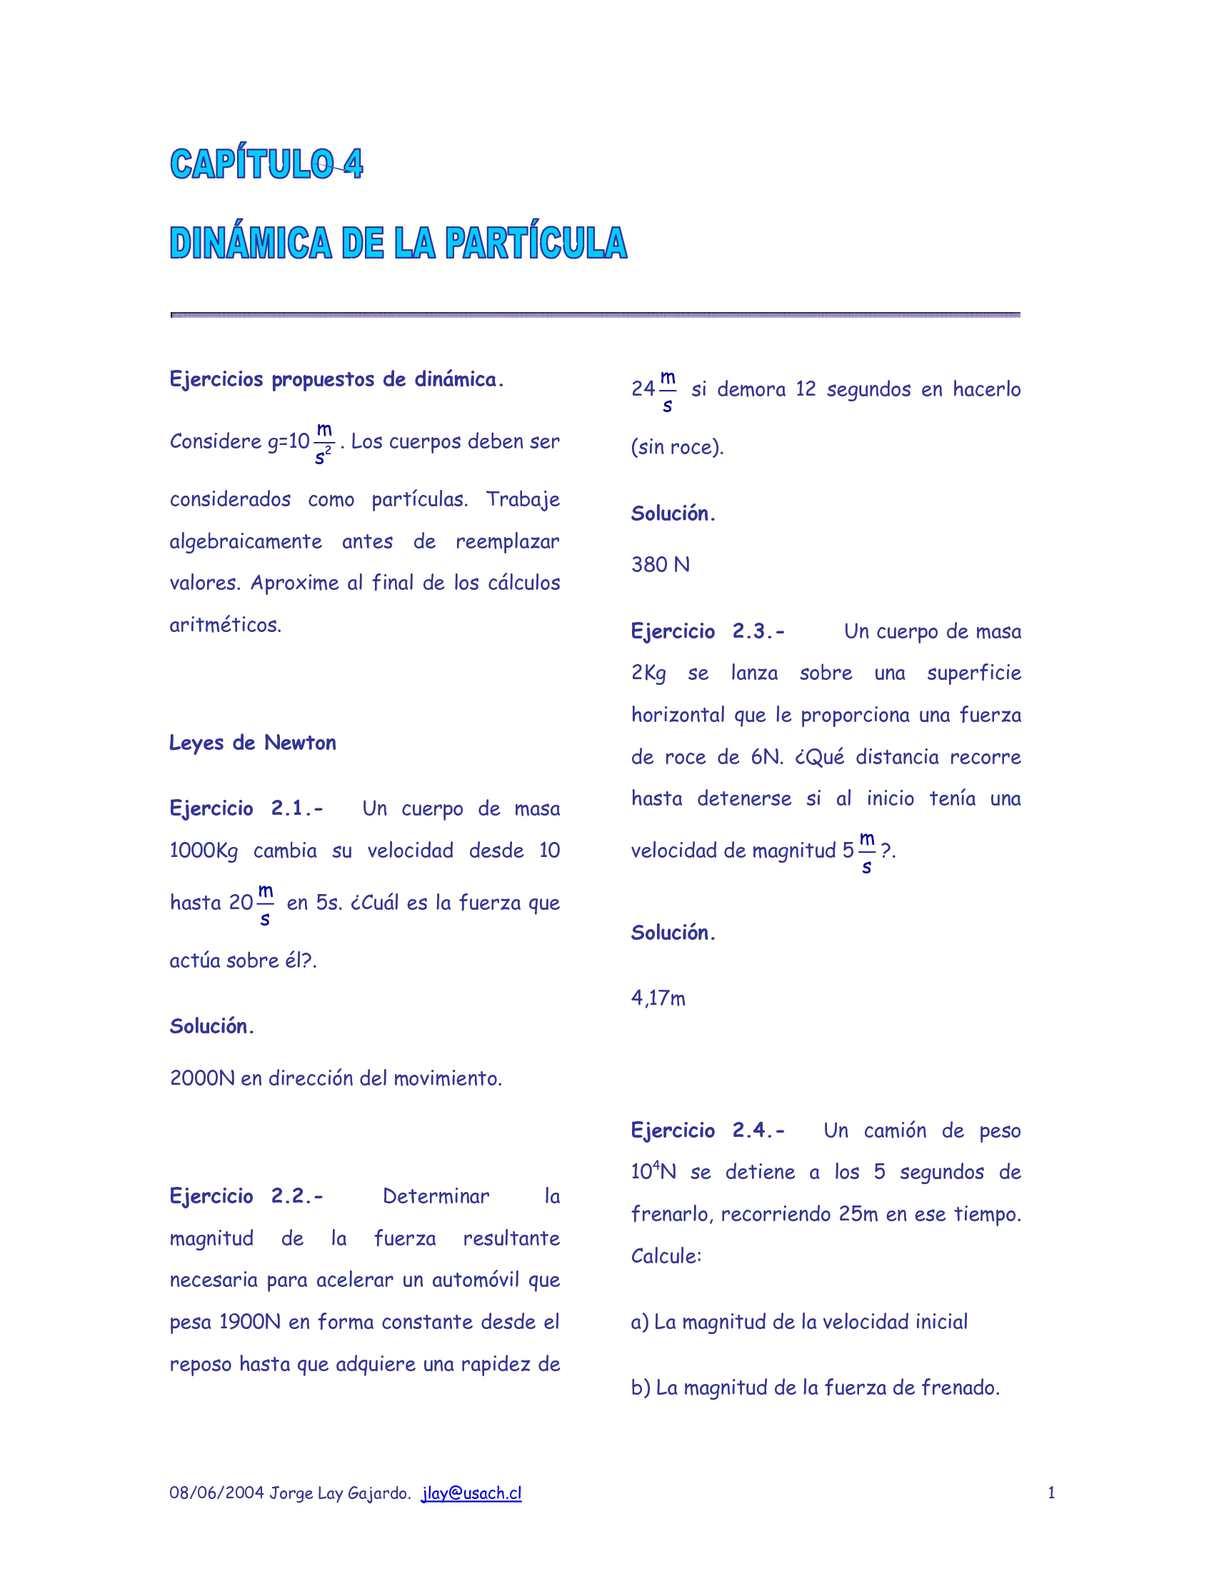 Calaméo - EJERCICIOS DE DINAMICA